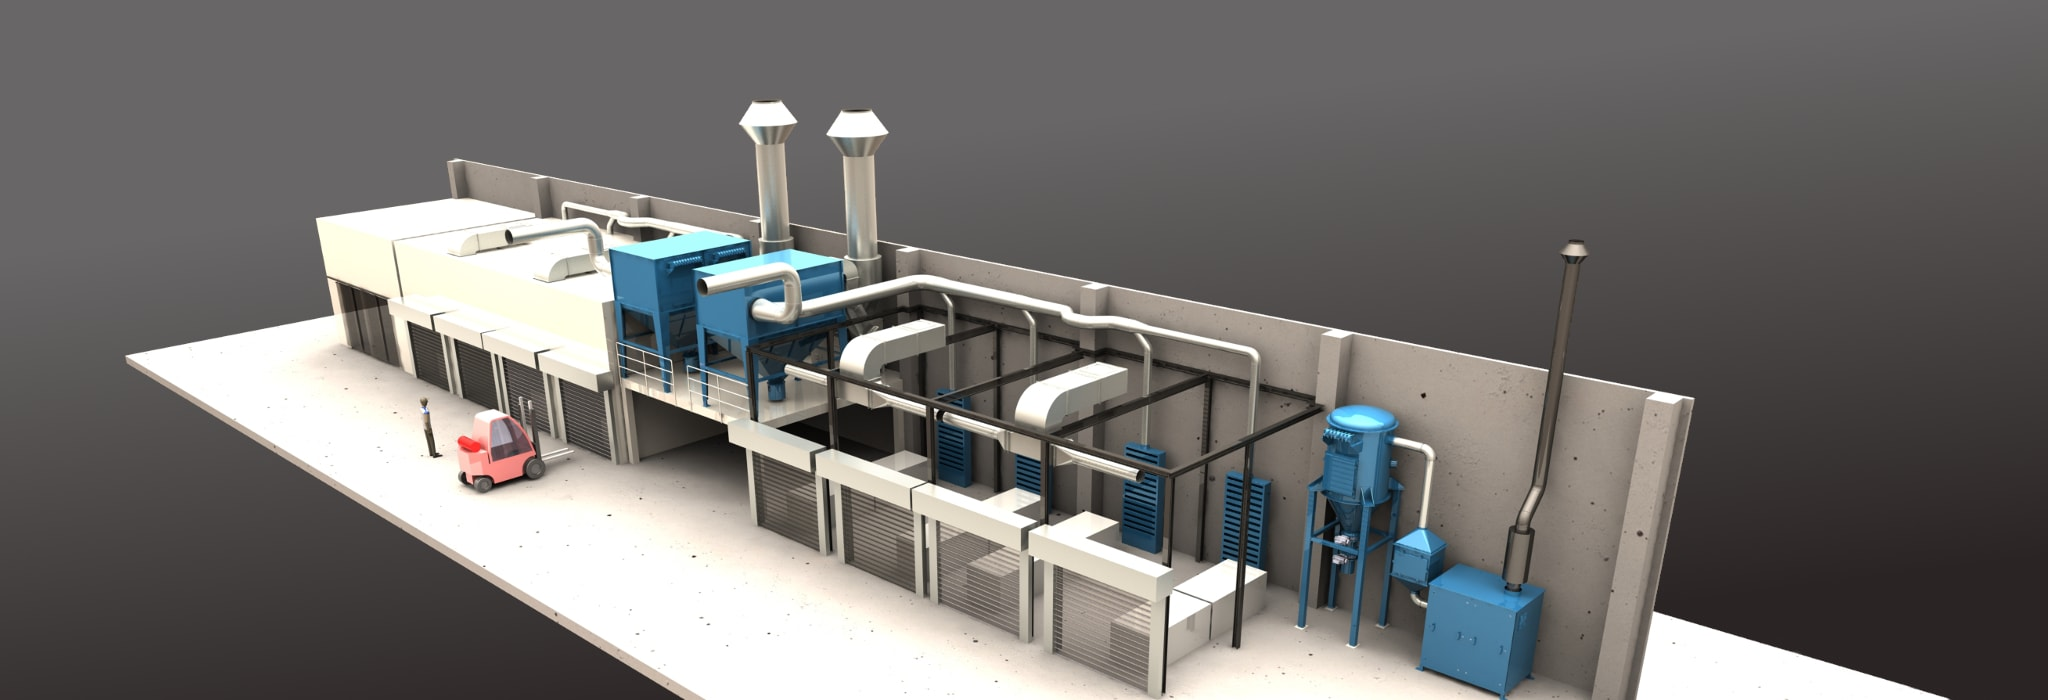 Entstaubungssysteme und Kabinentechnik der Marke LET®meschede